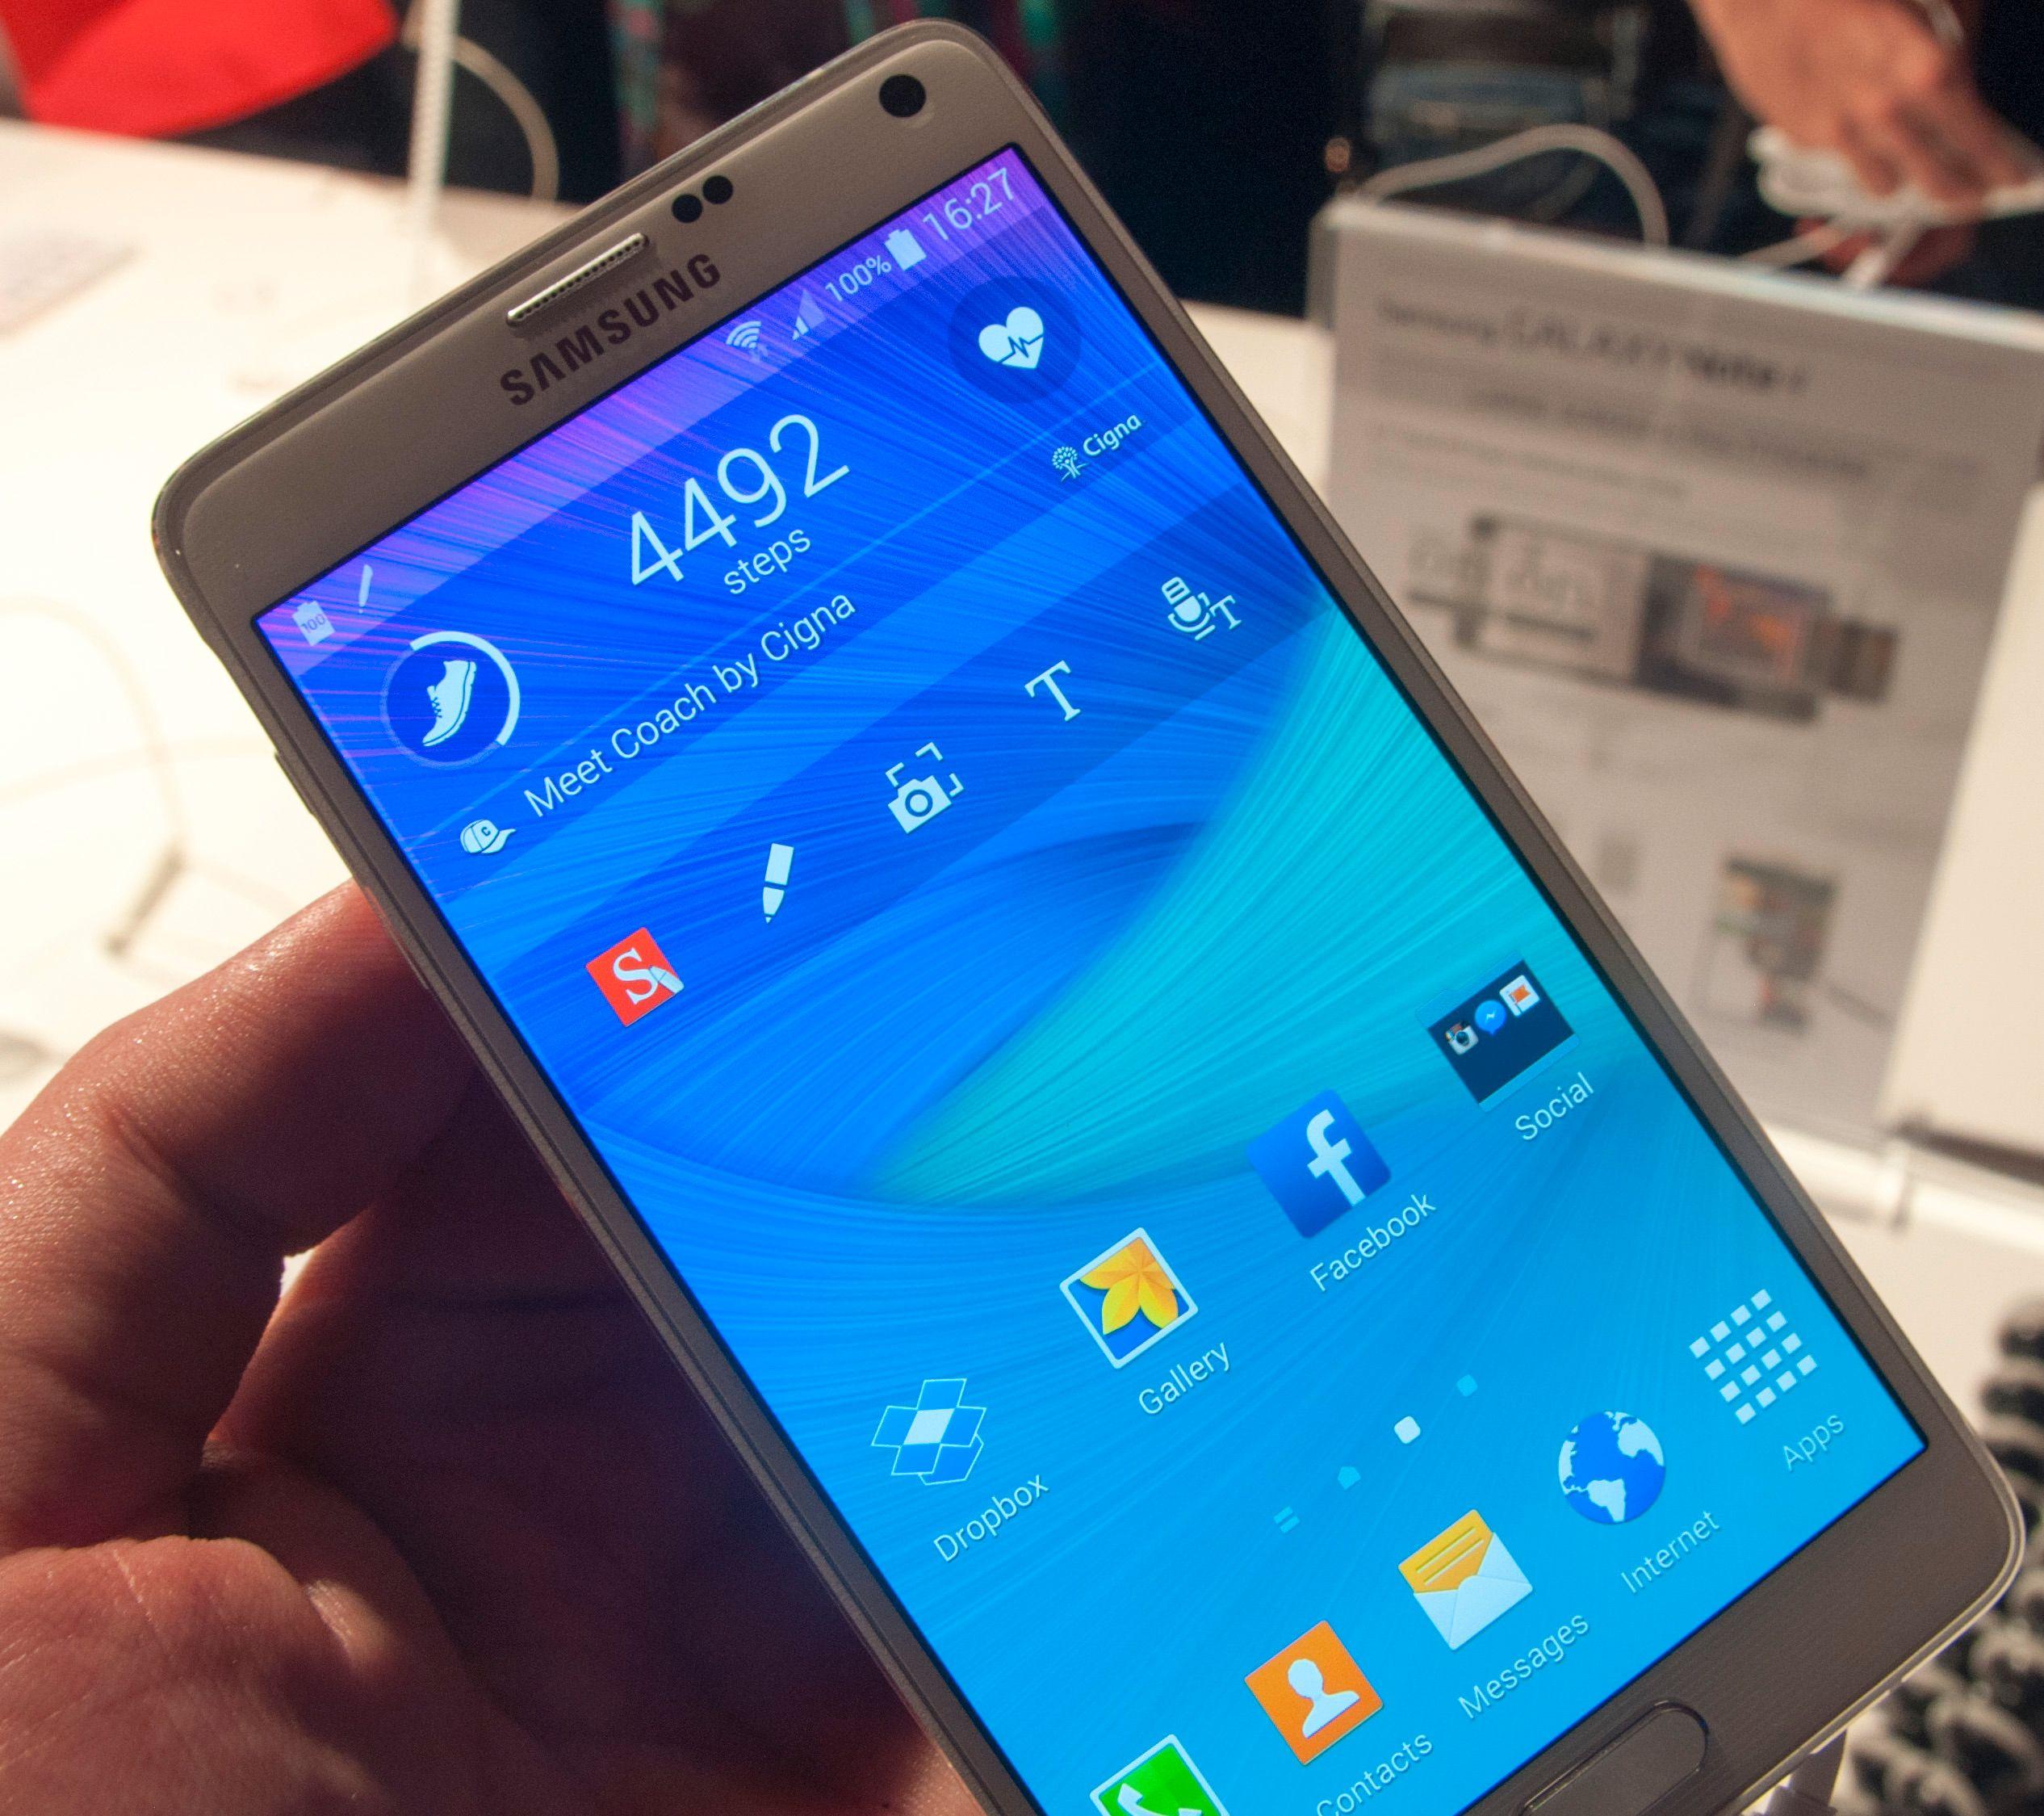 En designendring Samsung har gjort i denne generasjonen er å gjøre widgetene på hjemmeskjermen transparente.